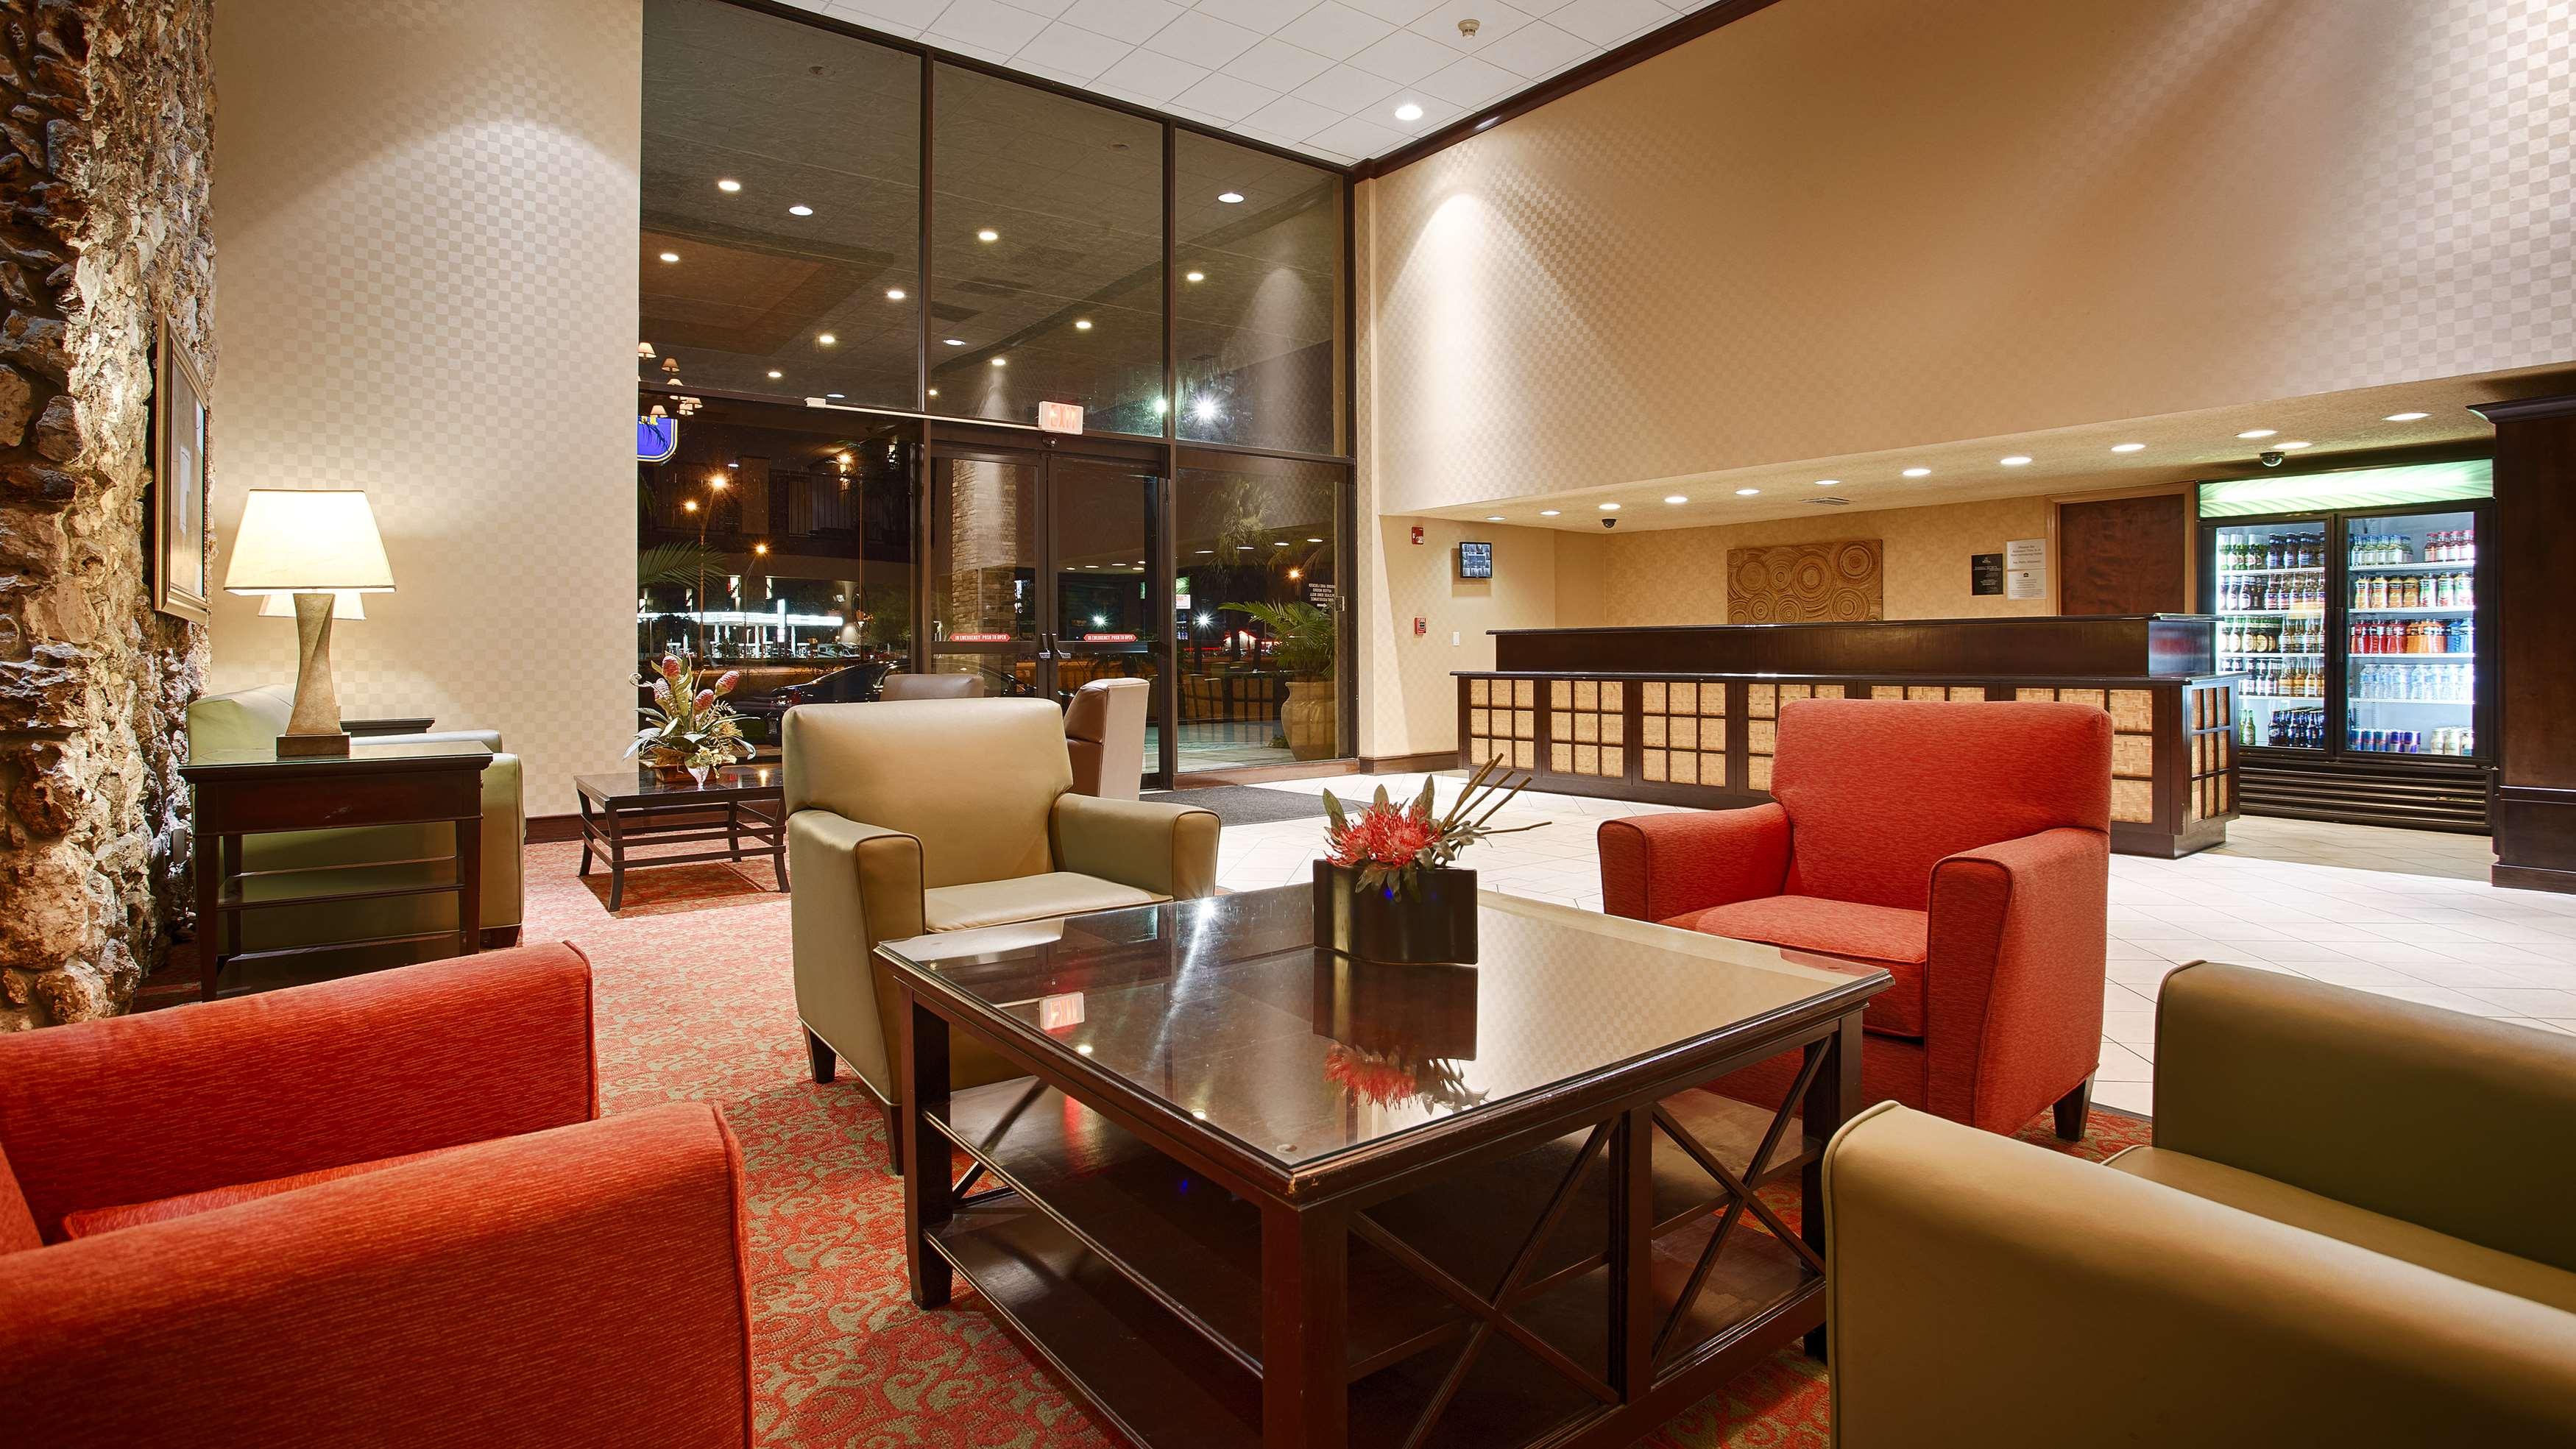 Best Western International Speedway Hotel image 4